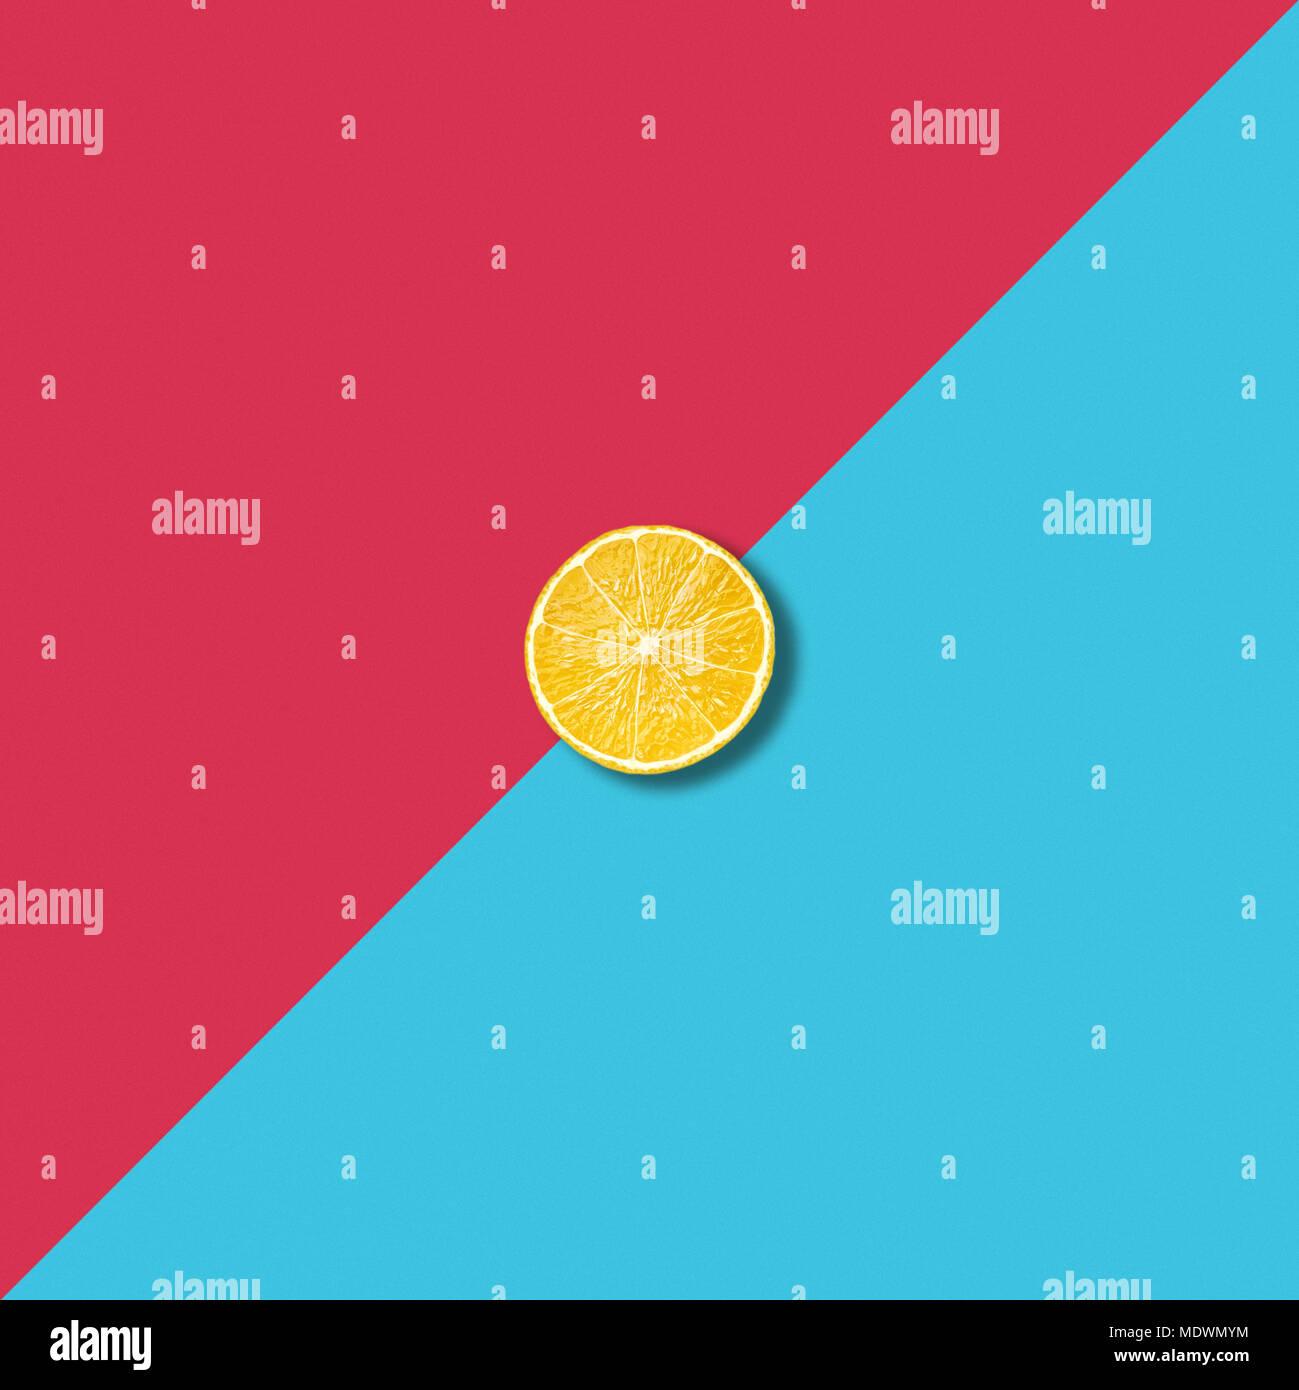 Résumé illustration minimaliste avec une seule tranche de citron sur fond turquoise et le rouge vif. Photo Stock